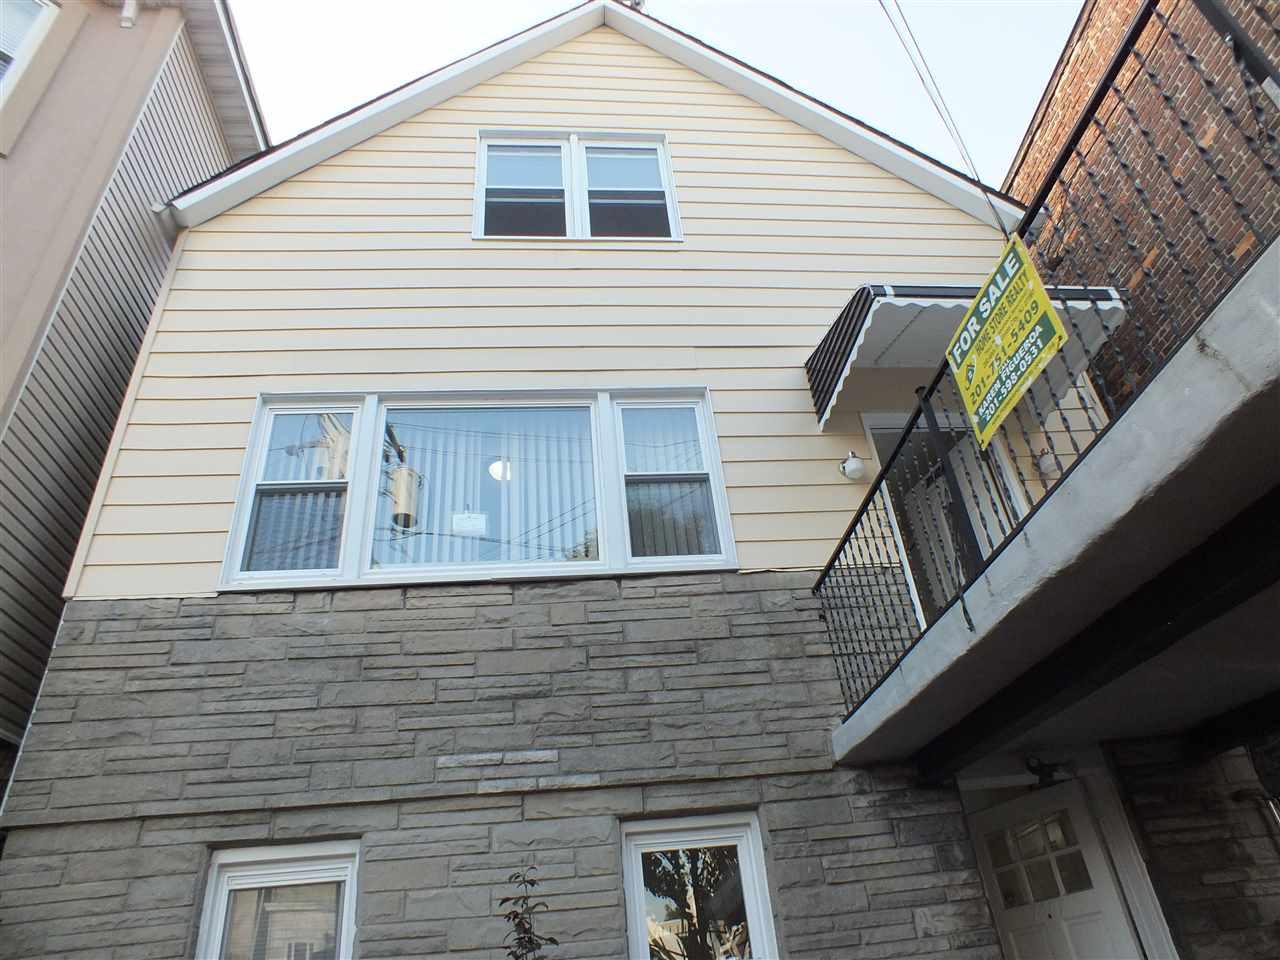 7007 ADAMS ST, Guttenberg, NJ 07093